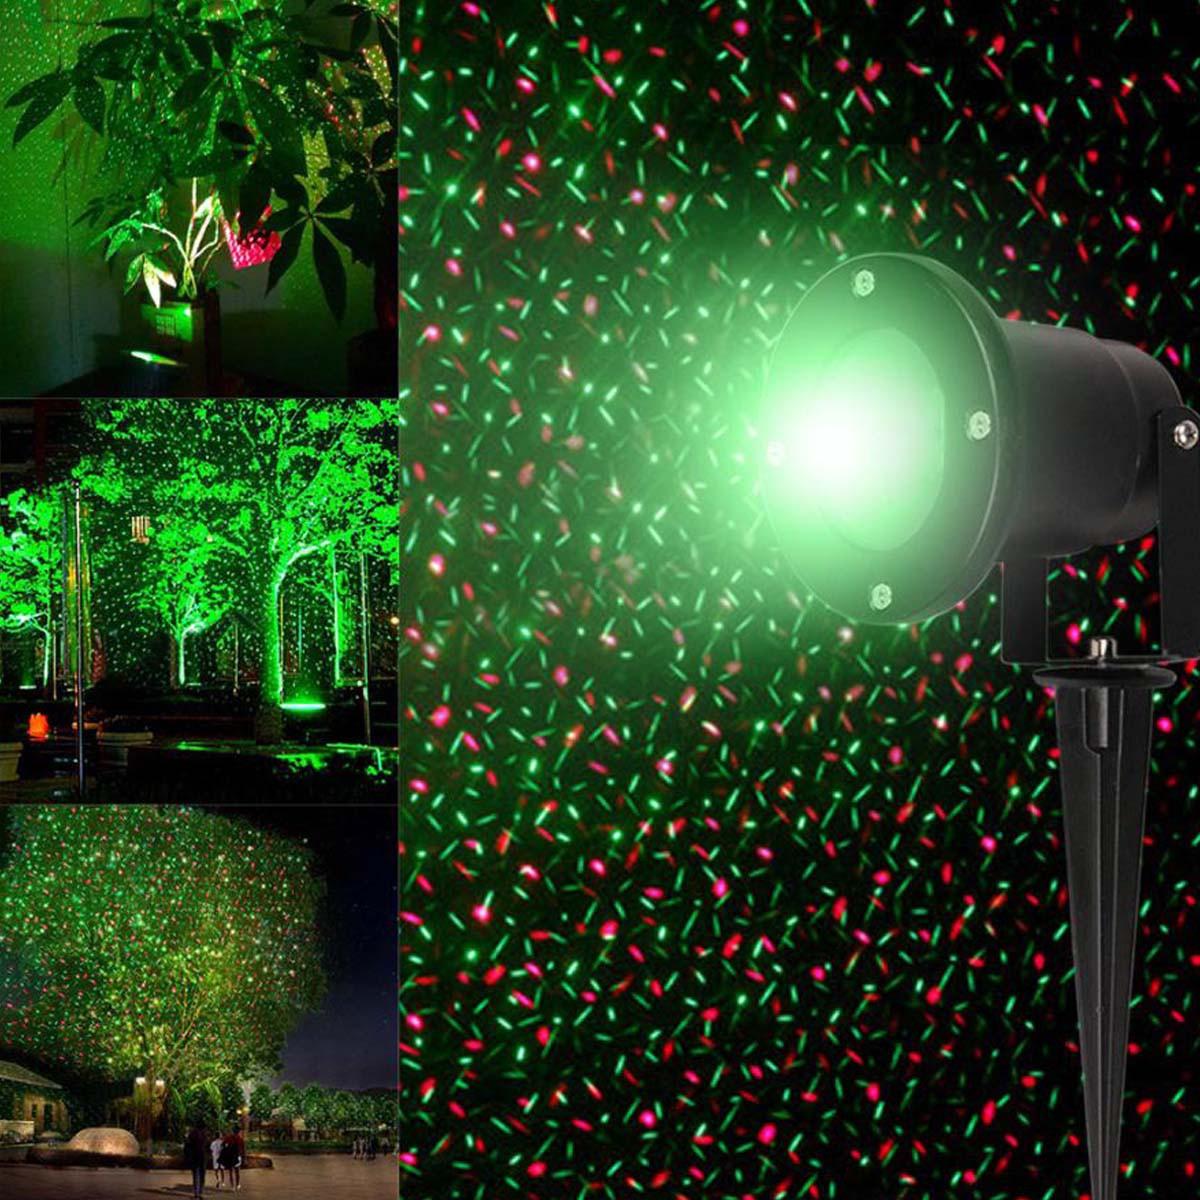 Proiettore Per Luci Natalizie.Proiettore Luci Di Natale Decorazioni Natalizie Da Esterno Con